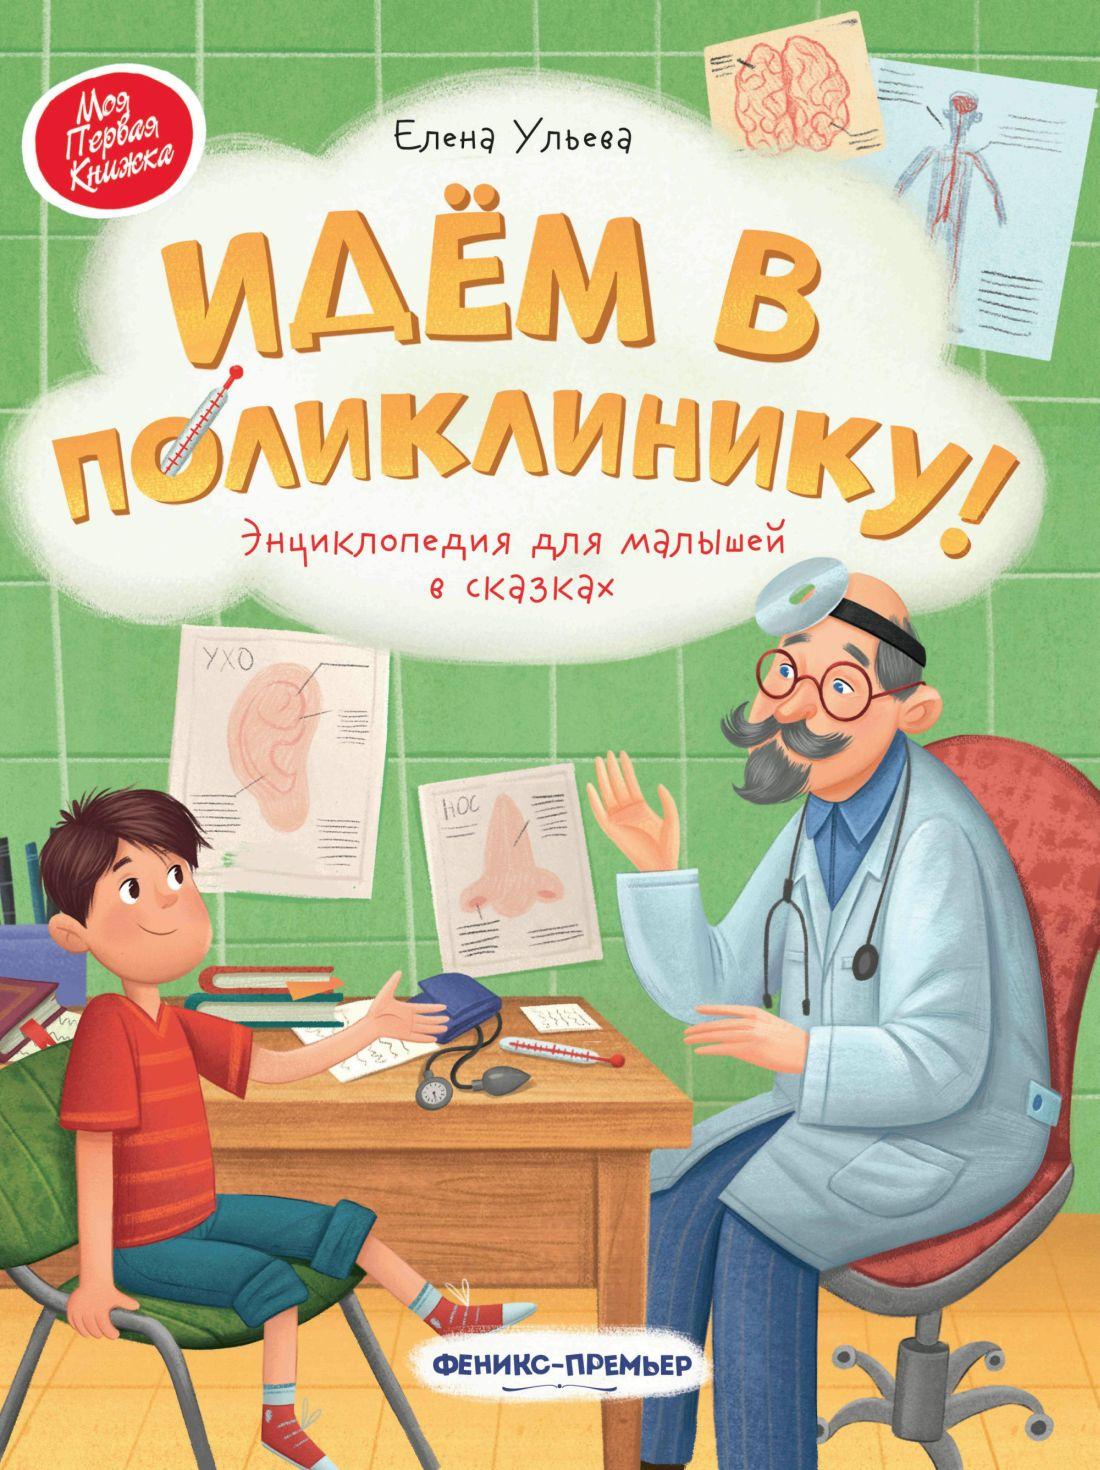 Идем в поликлинику!: Энциклопедия для малышей в сказках